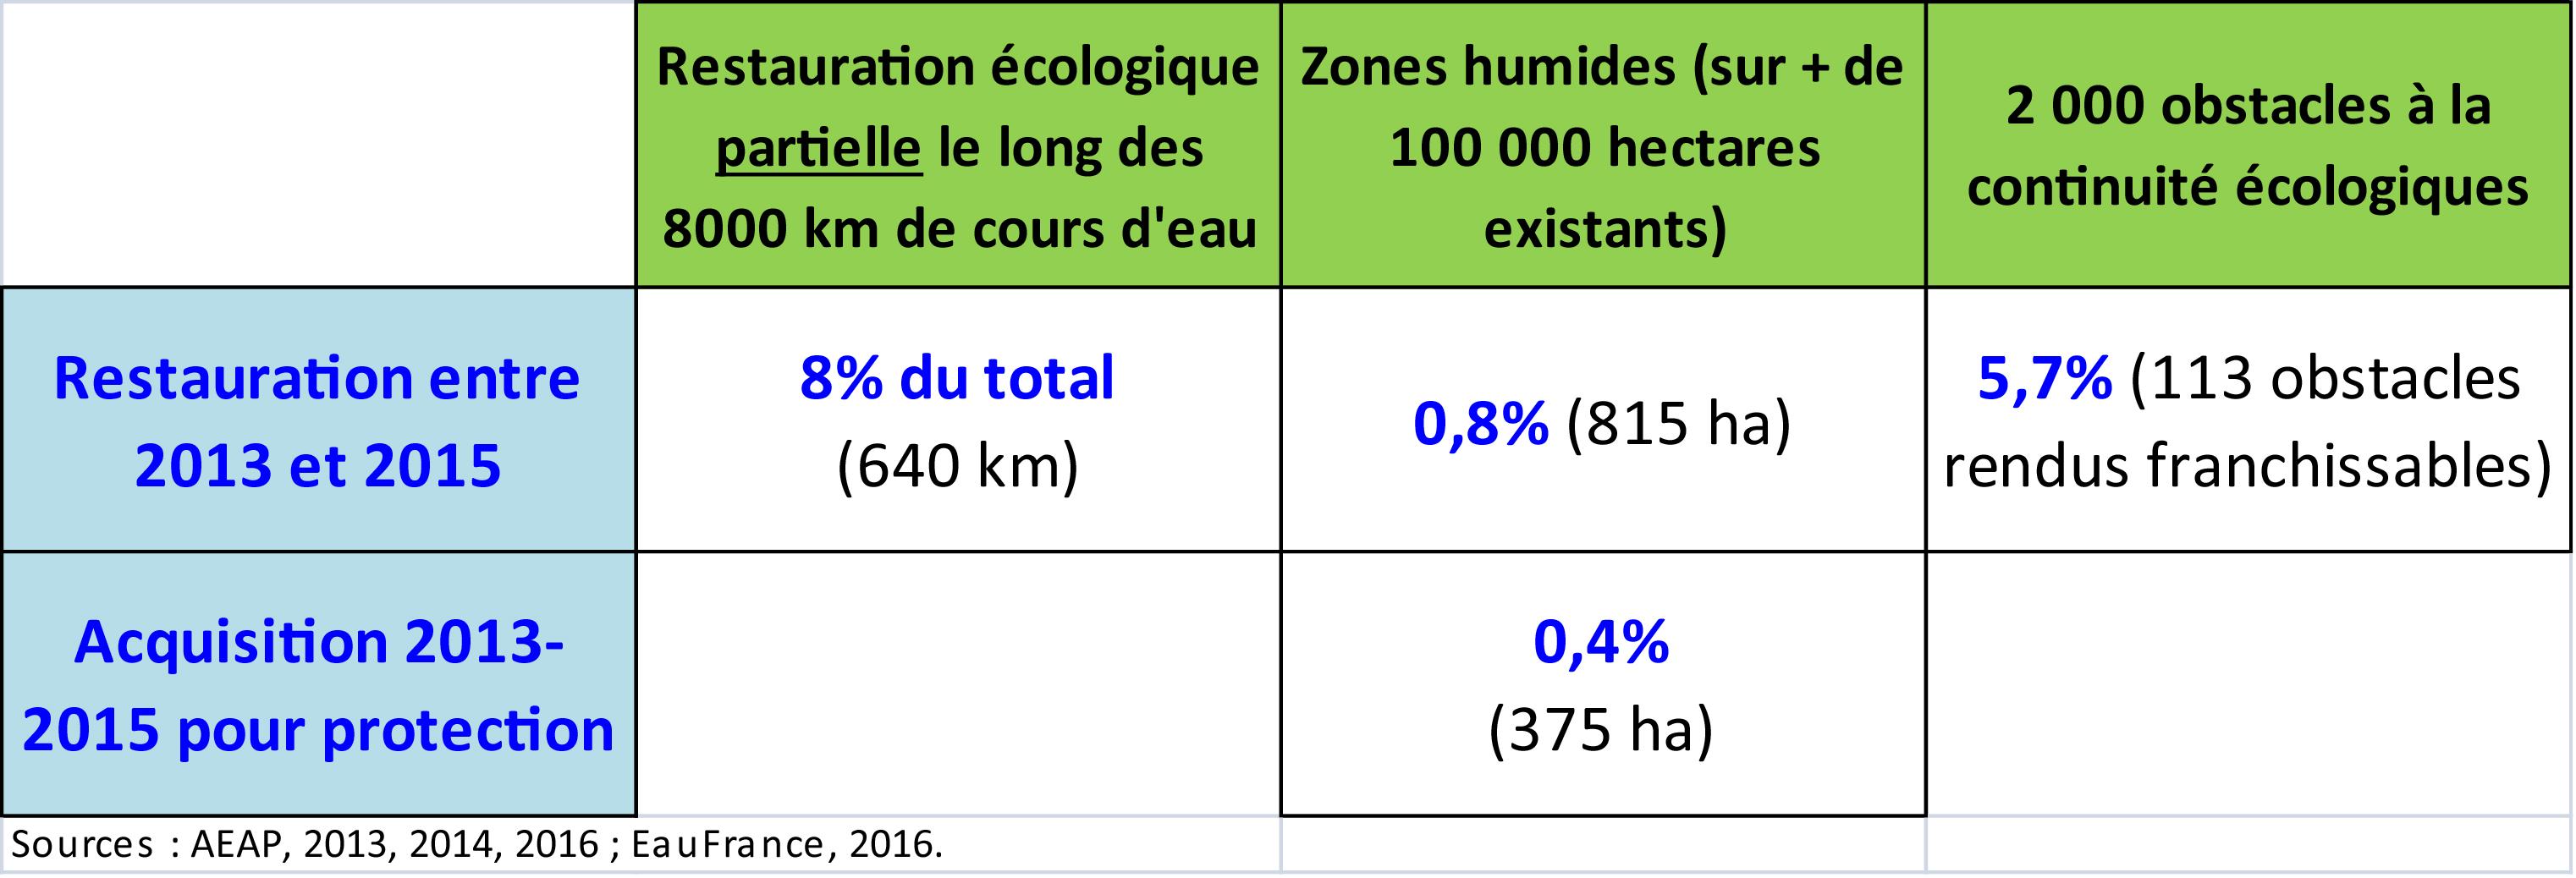 ventdouxprod nicolas barbier restauration faible lente continuité écologique zones humides LEMA 2006 directive cadre européenne eau DCE 2000 artois-picardie hauts-de-france